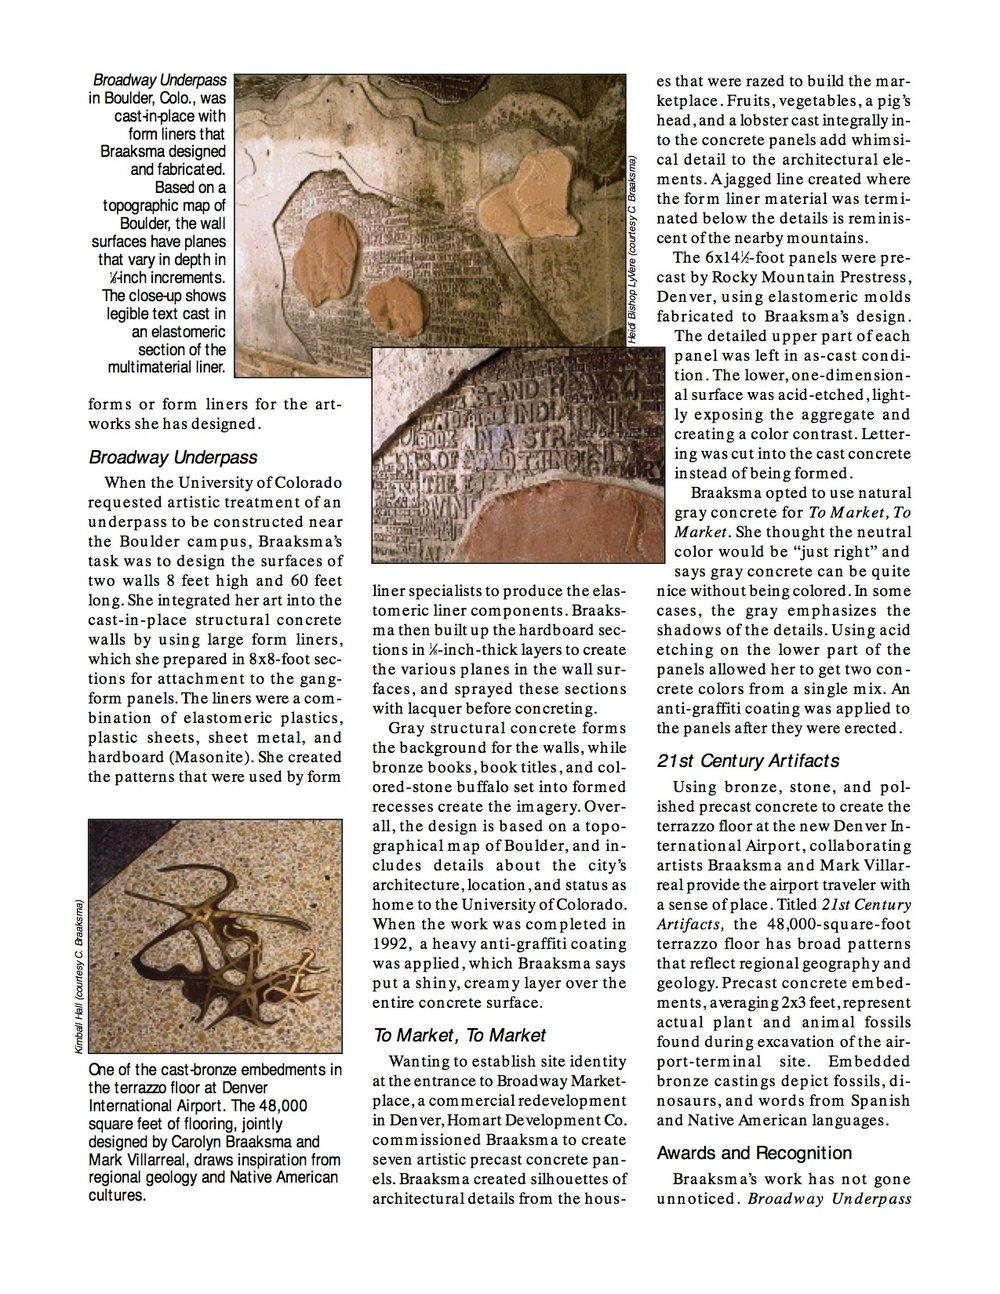 Concrete Construction Article PDF_ Concrete Art Gets N2oticed (1).jpg